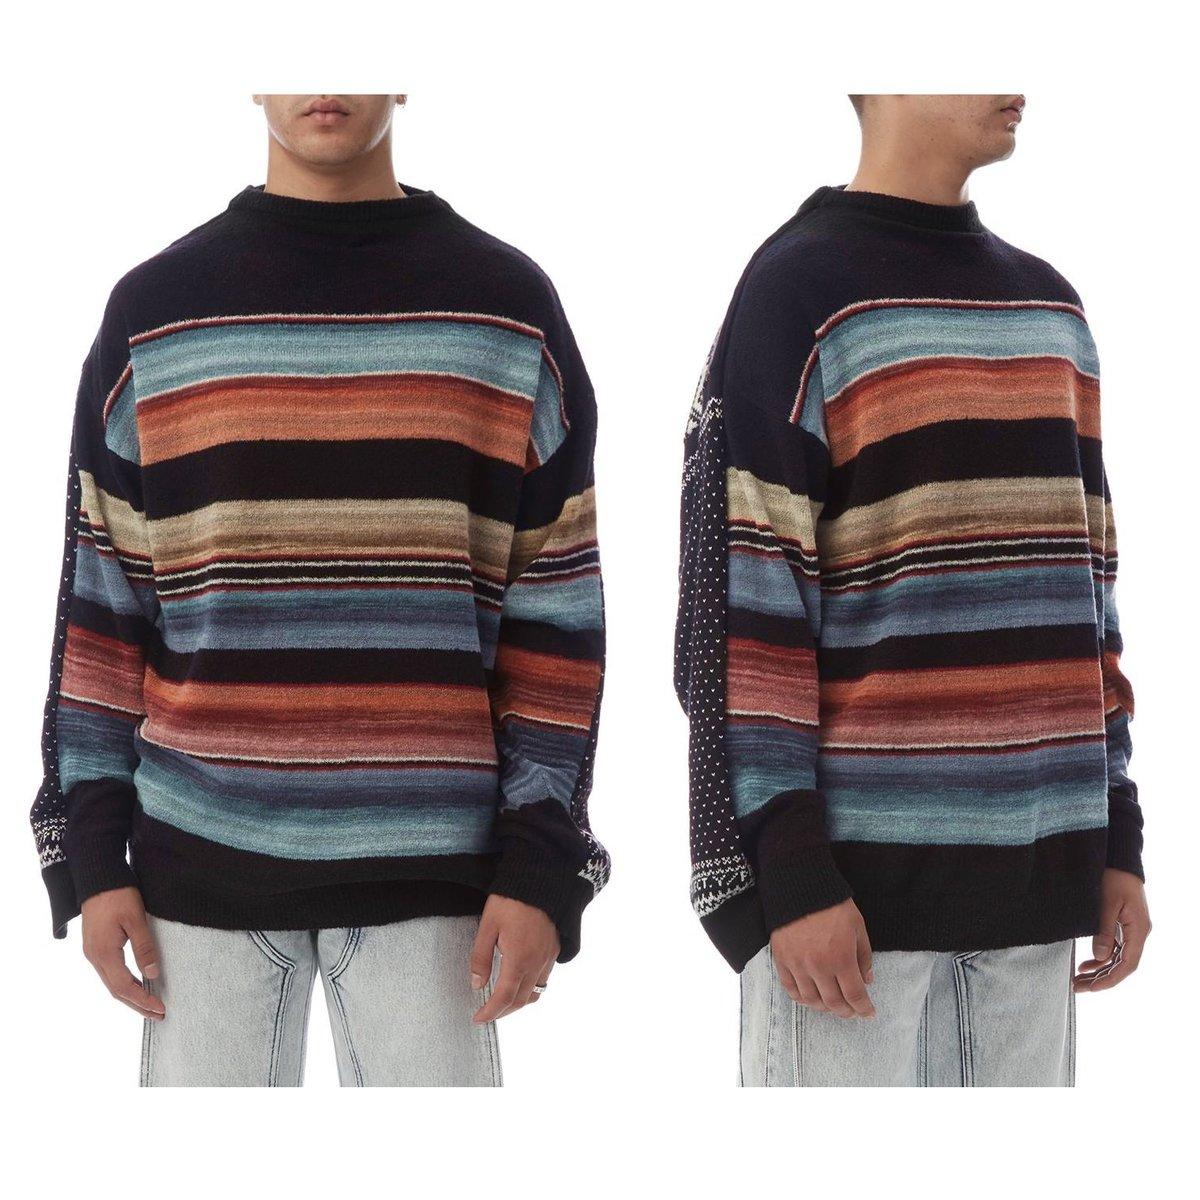 y-project-norwegian-panelled-knit-wool-jumper_13050727_13964902_1920.jpg